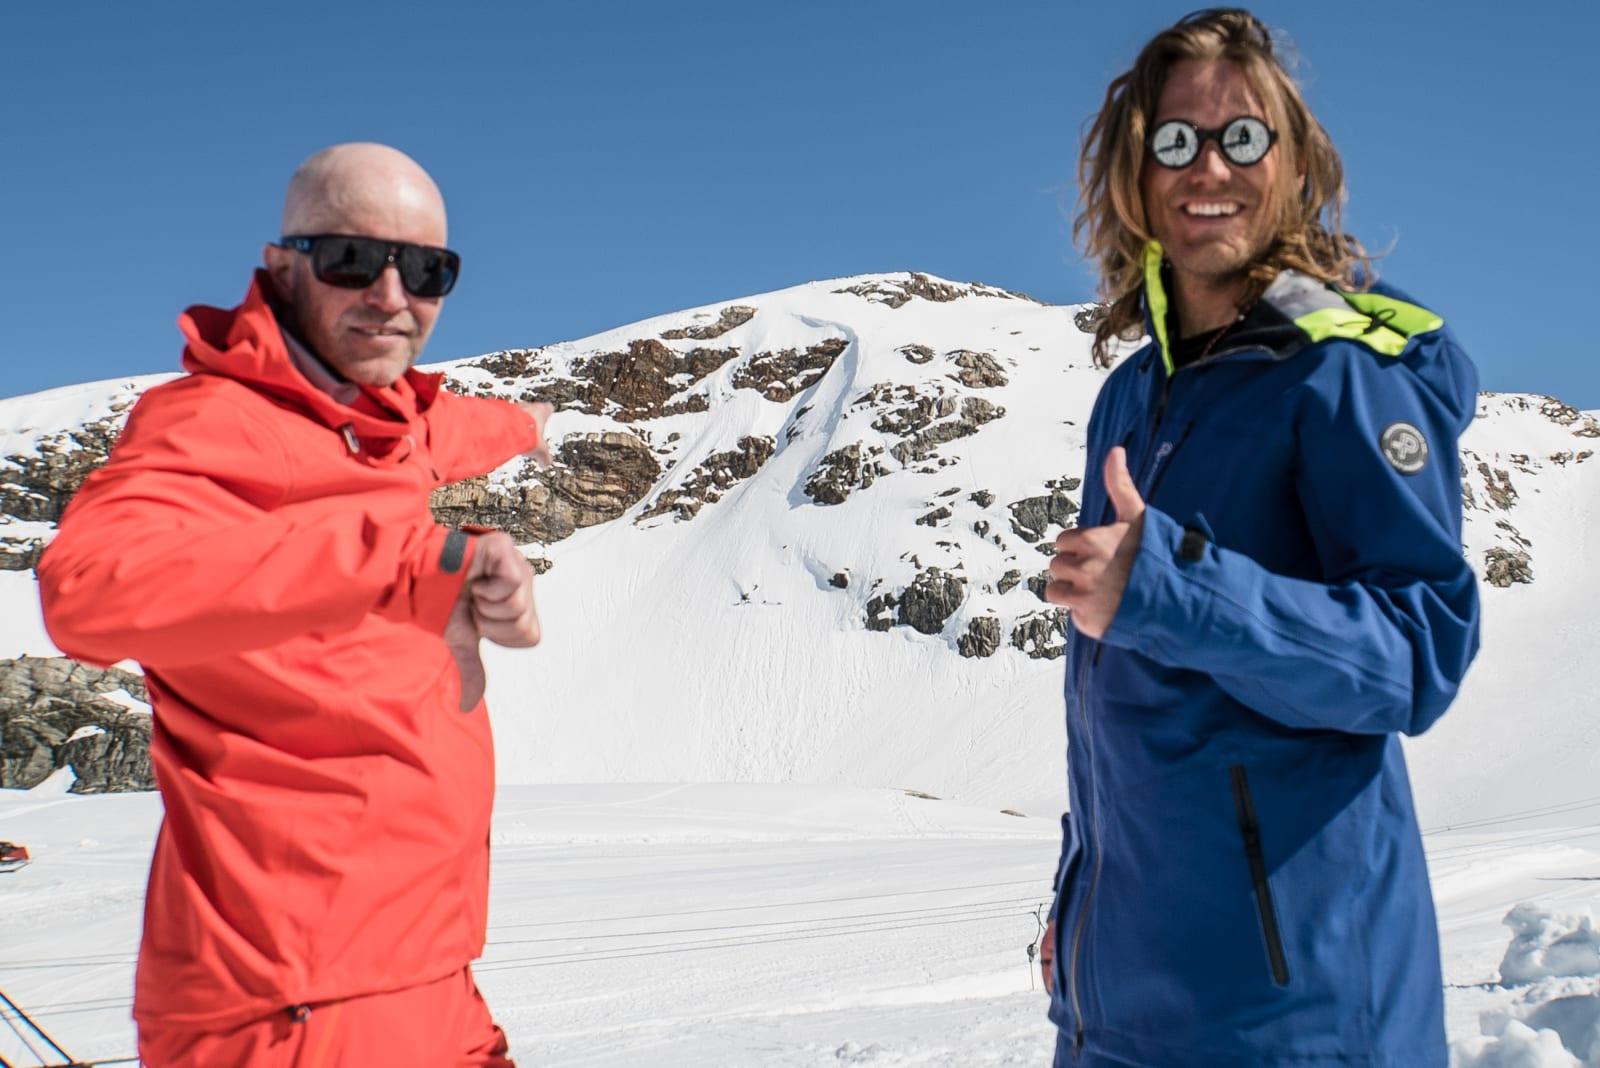 BRATT: Bård Smestad og Wille Lindberg står igjen med litt forskjellig erfaring etter at de tok seg ned renna i bakgrunnen (som faktisk ligger midt i Folgefonna Skisenter, rett til venstre for heisen. Bilde: Christian Nerdrum